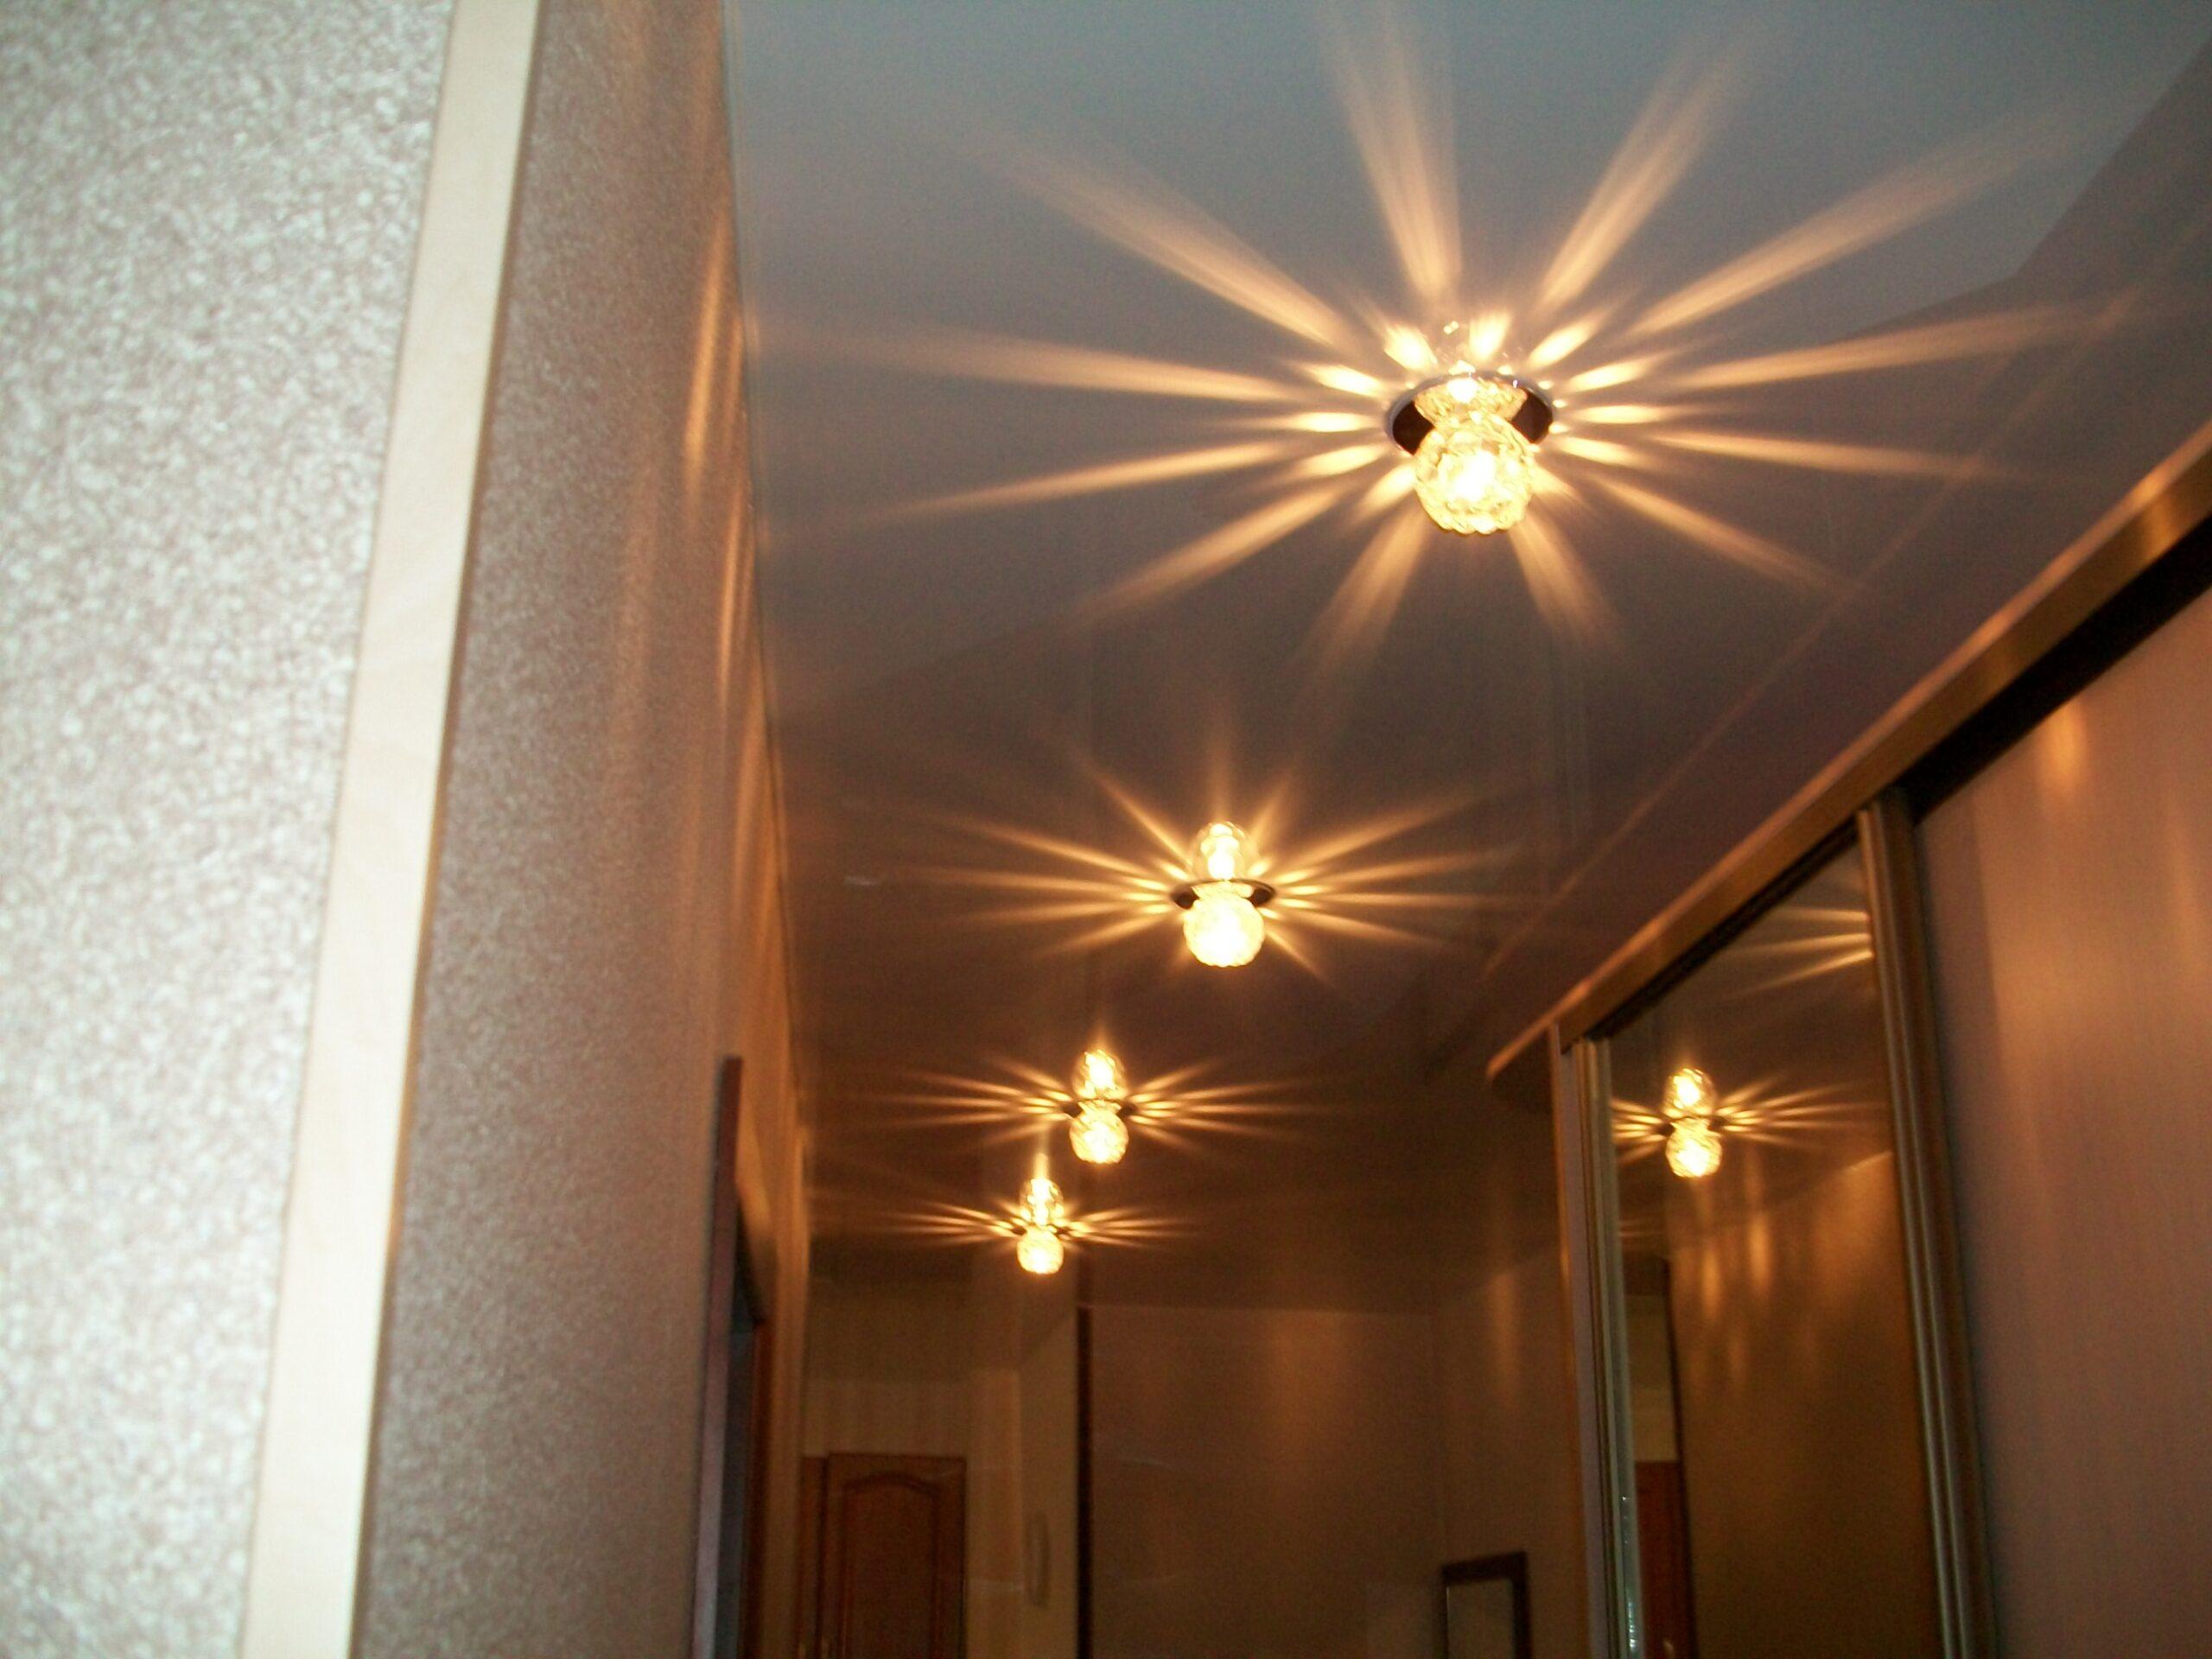 Глянцевый натяжной потолок со светодиодными светильниками в коридоре